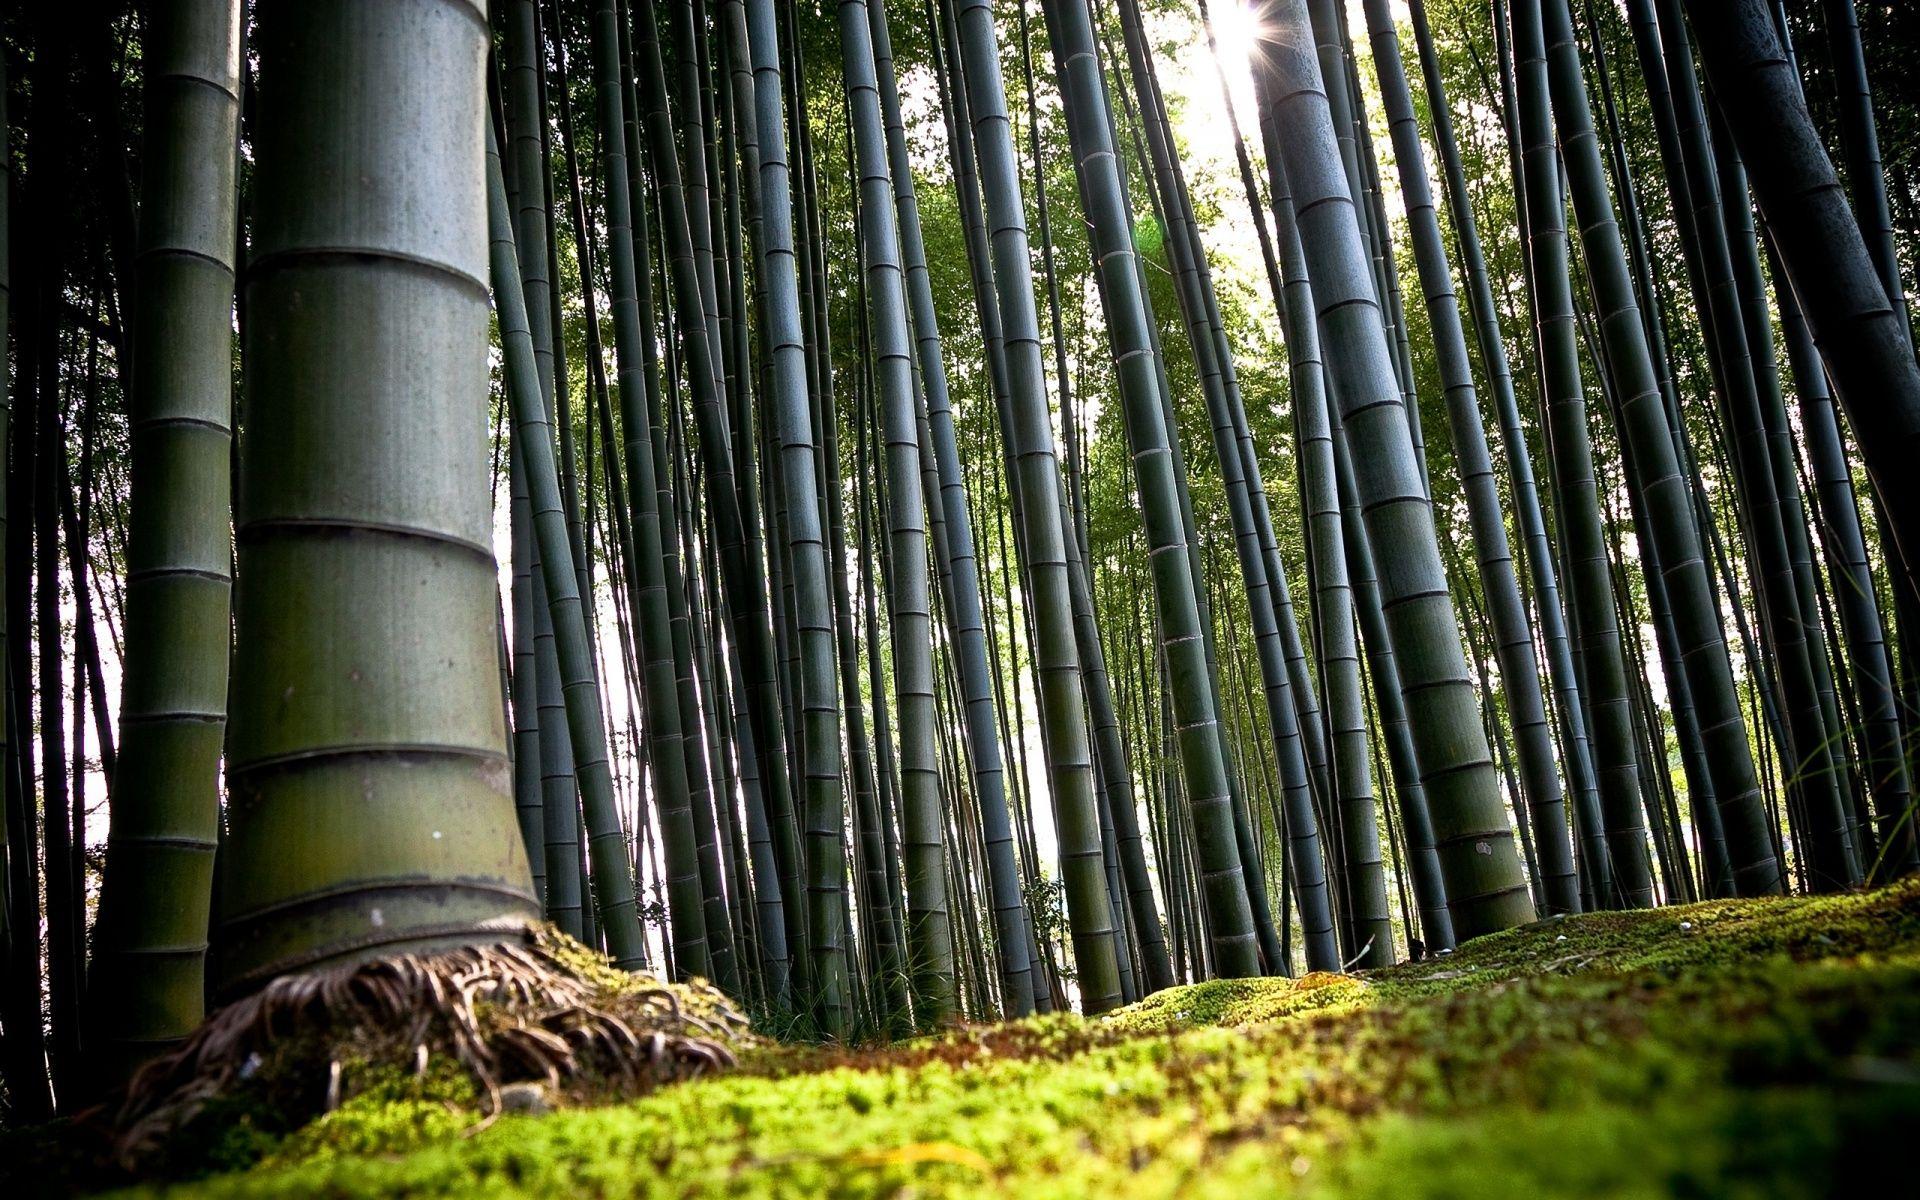 Bamboo Trees Forest Hd Desktop Wallpaper Wallpapercow Com